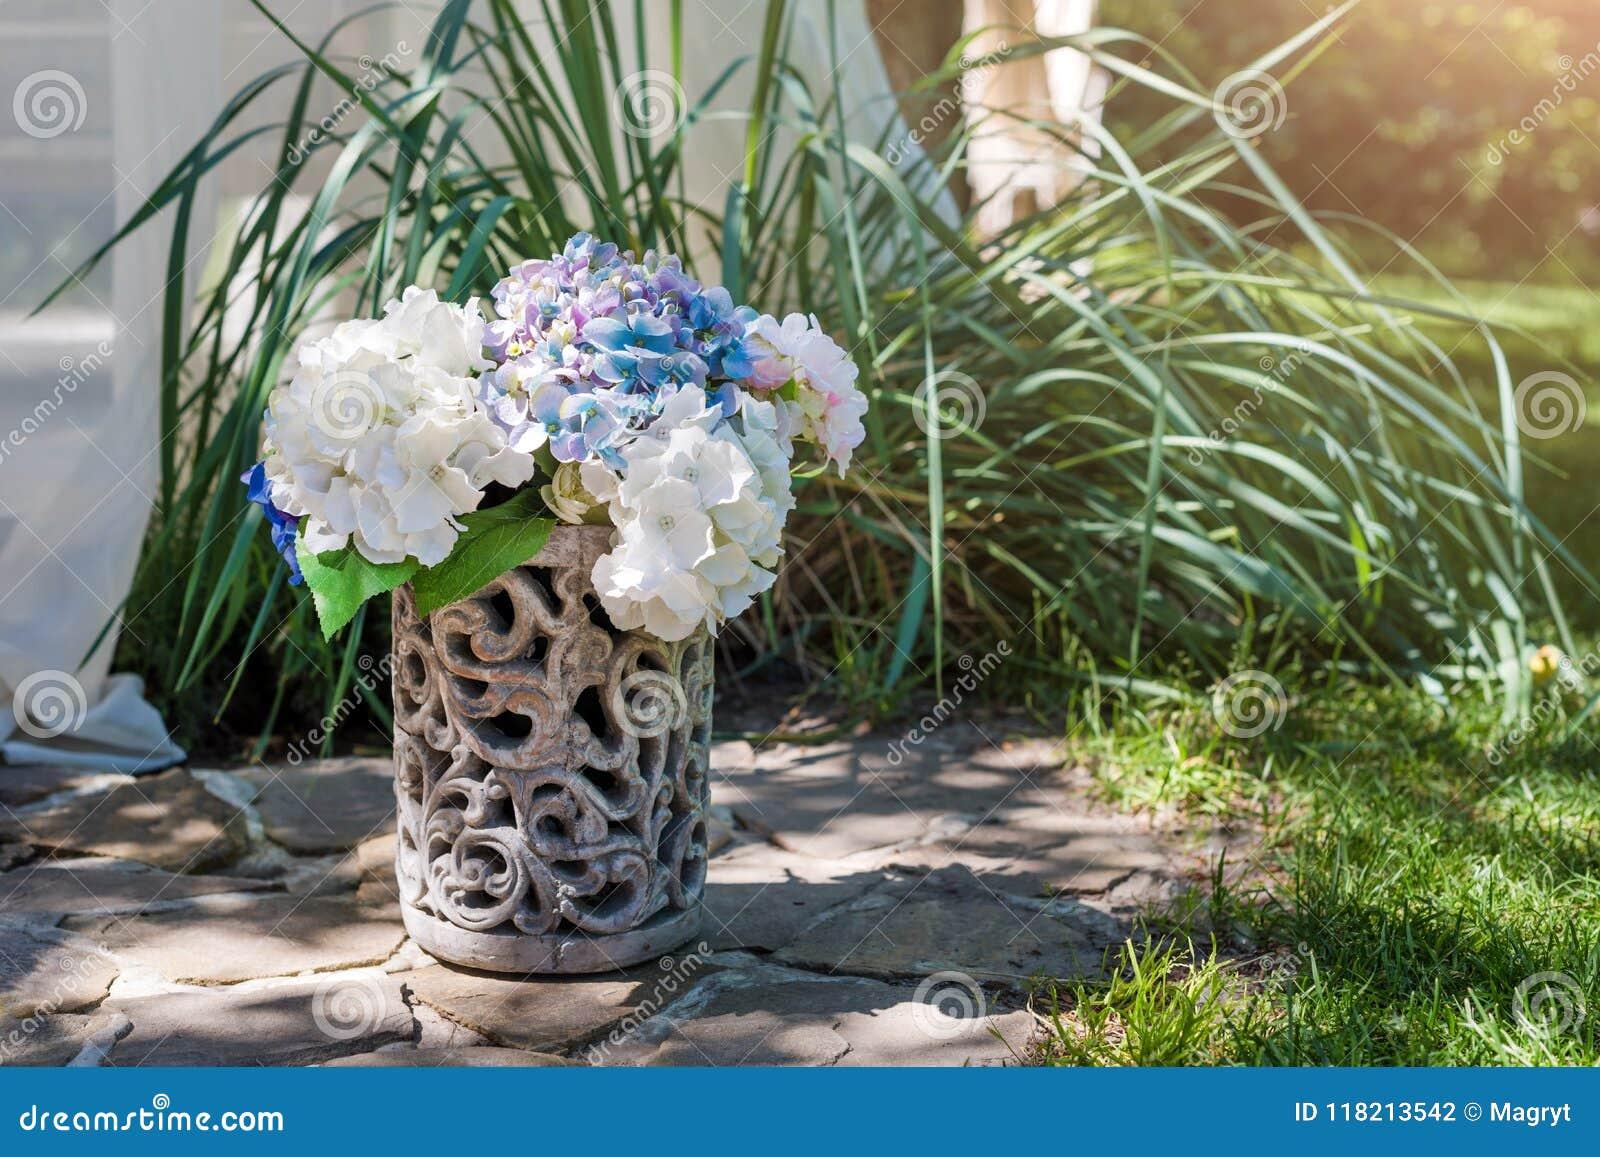 Disposition De Fleurs Fraîches Dans Le Vase Dans Le Jardin ...